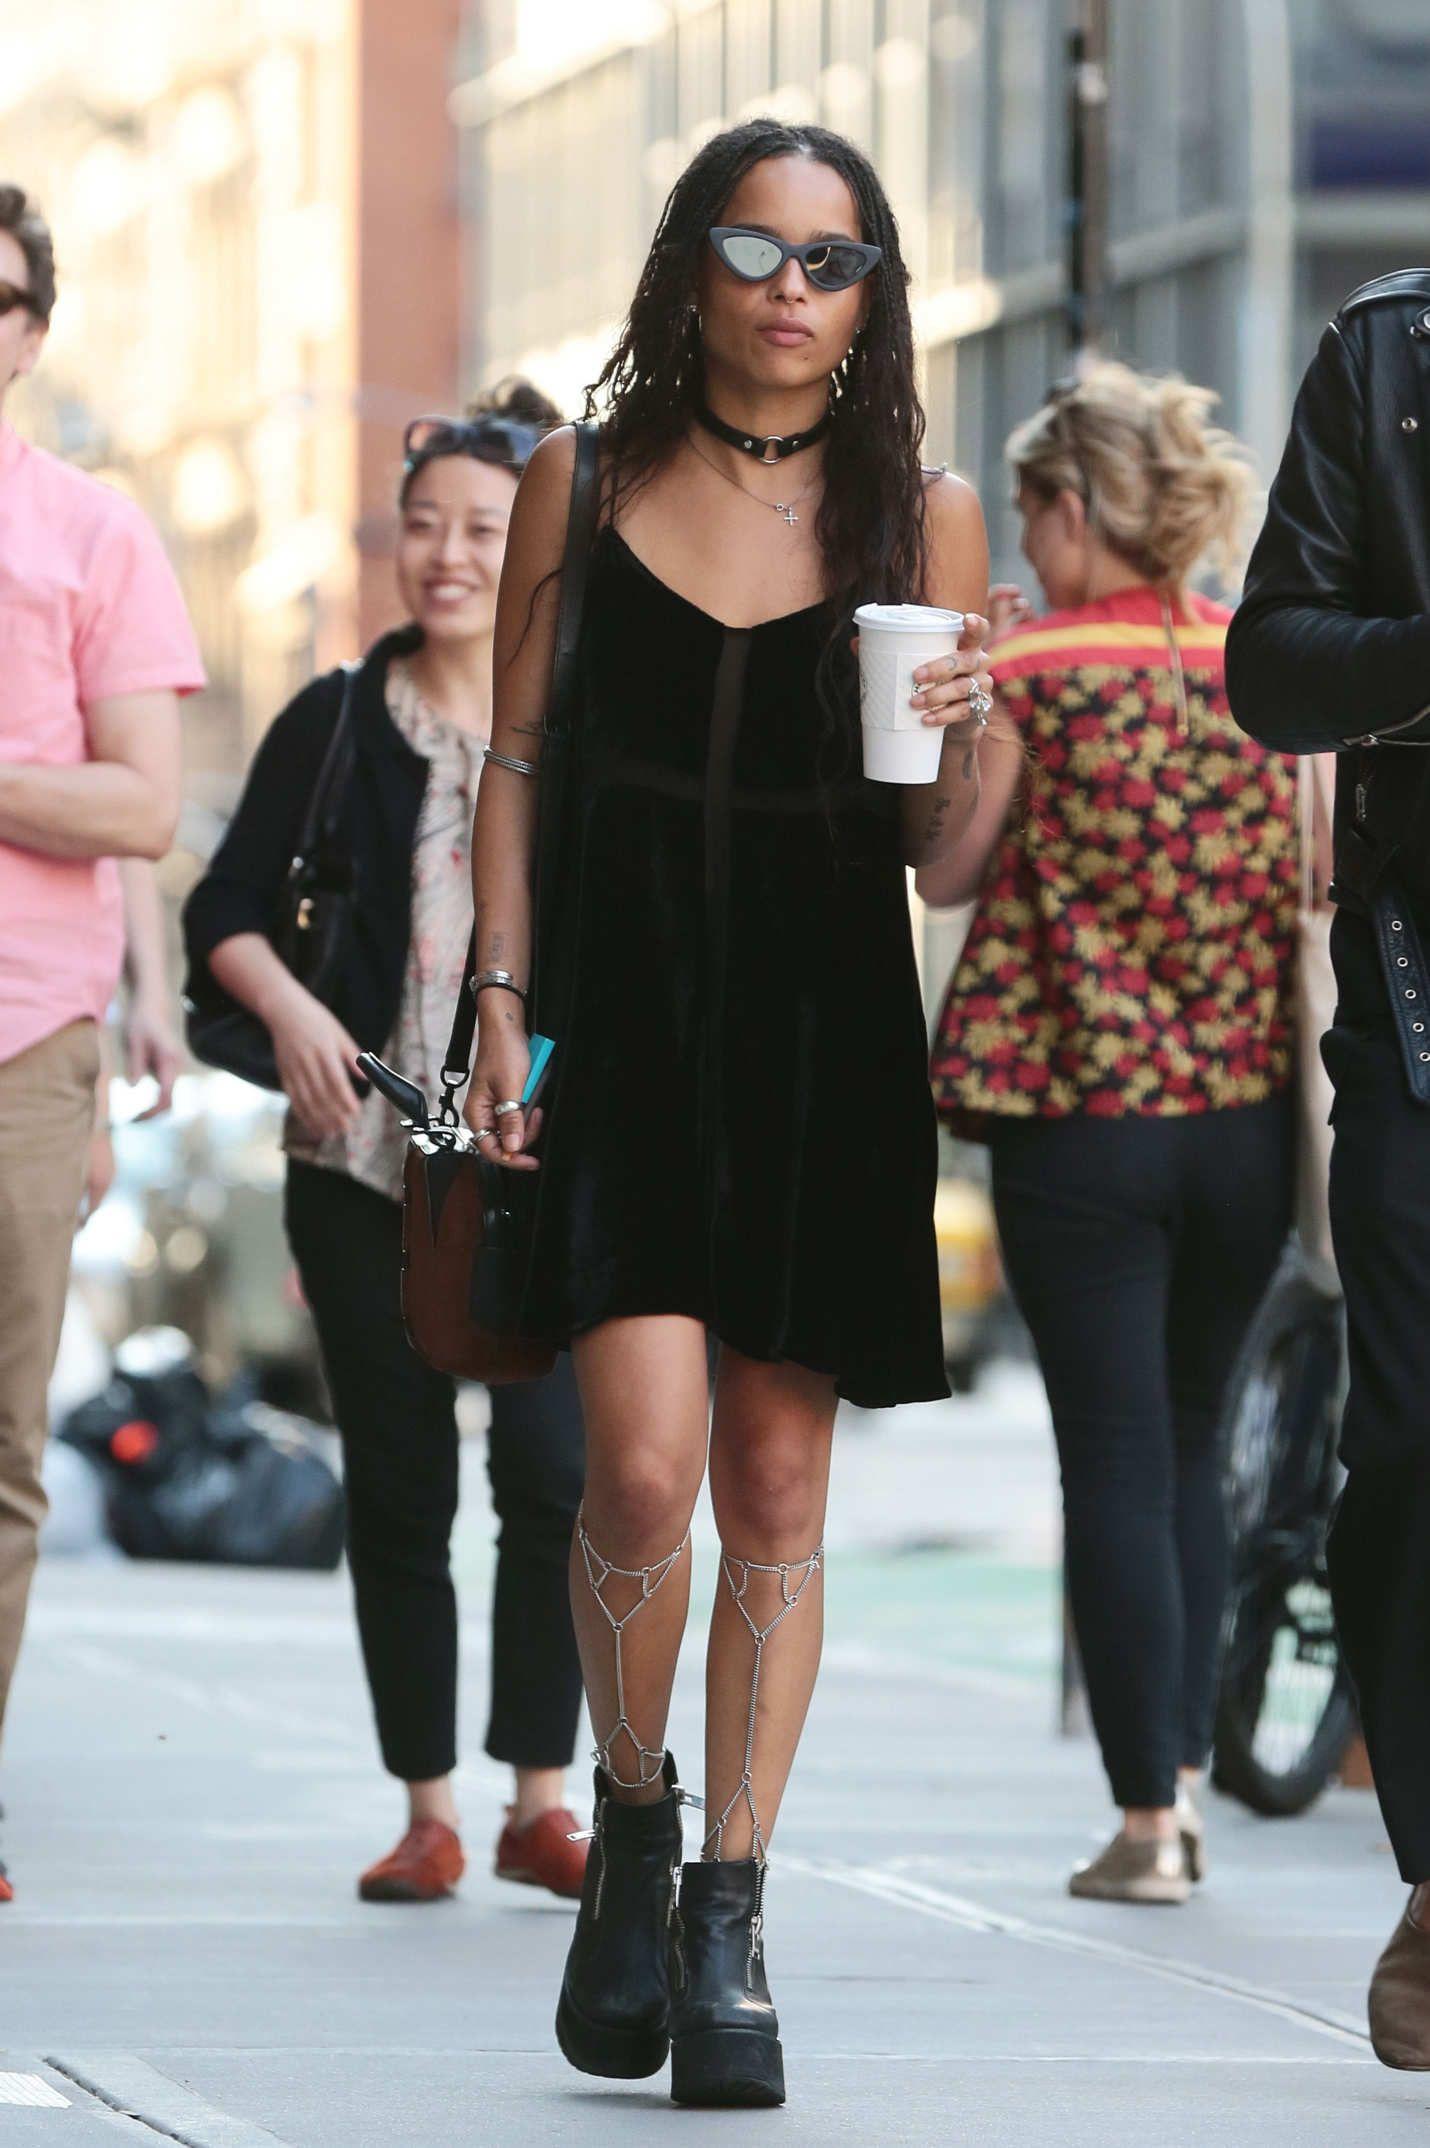 Zoe Kravitz Wore Leg Jewelry #zoekravitzstyle